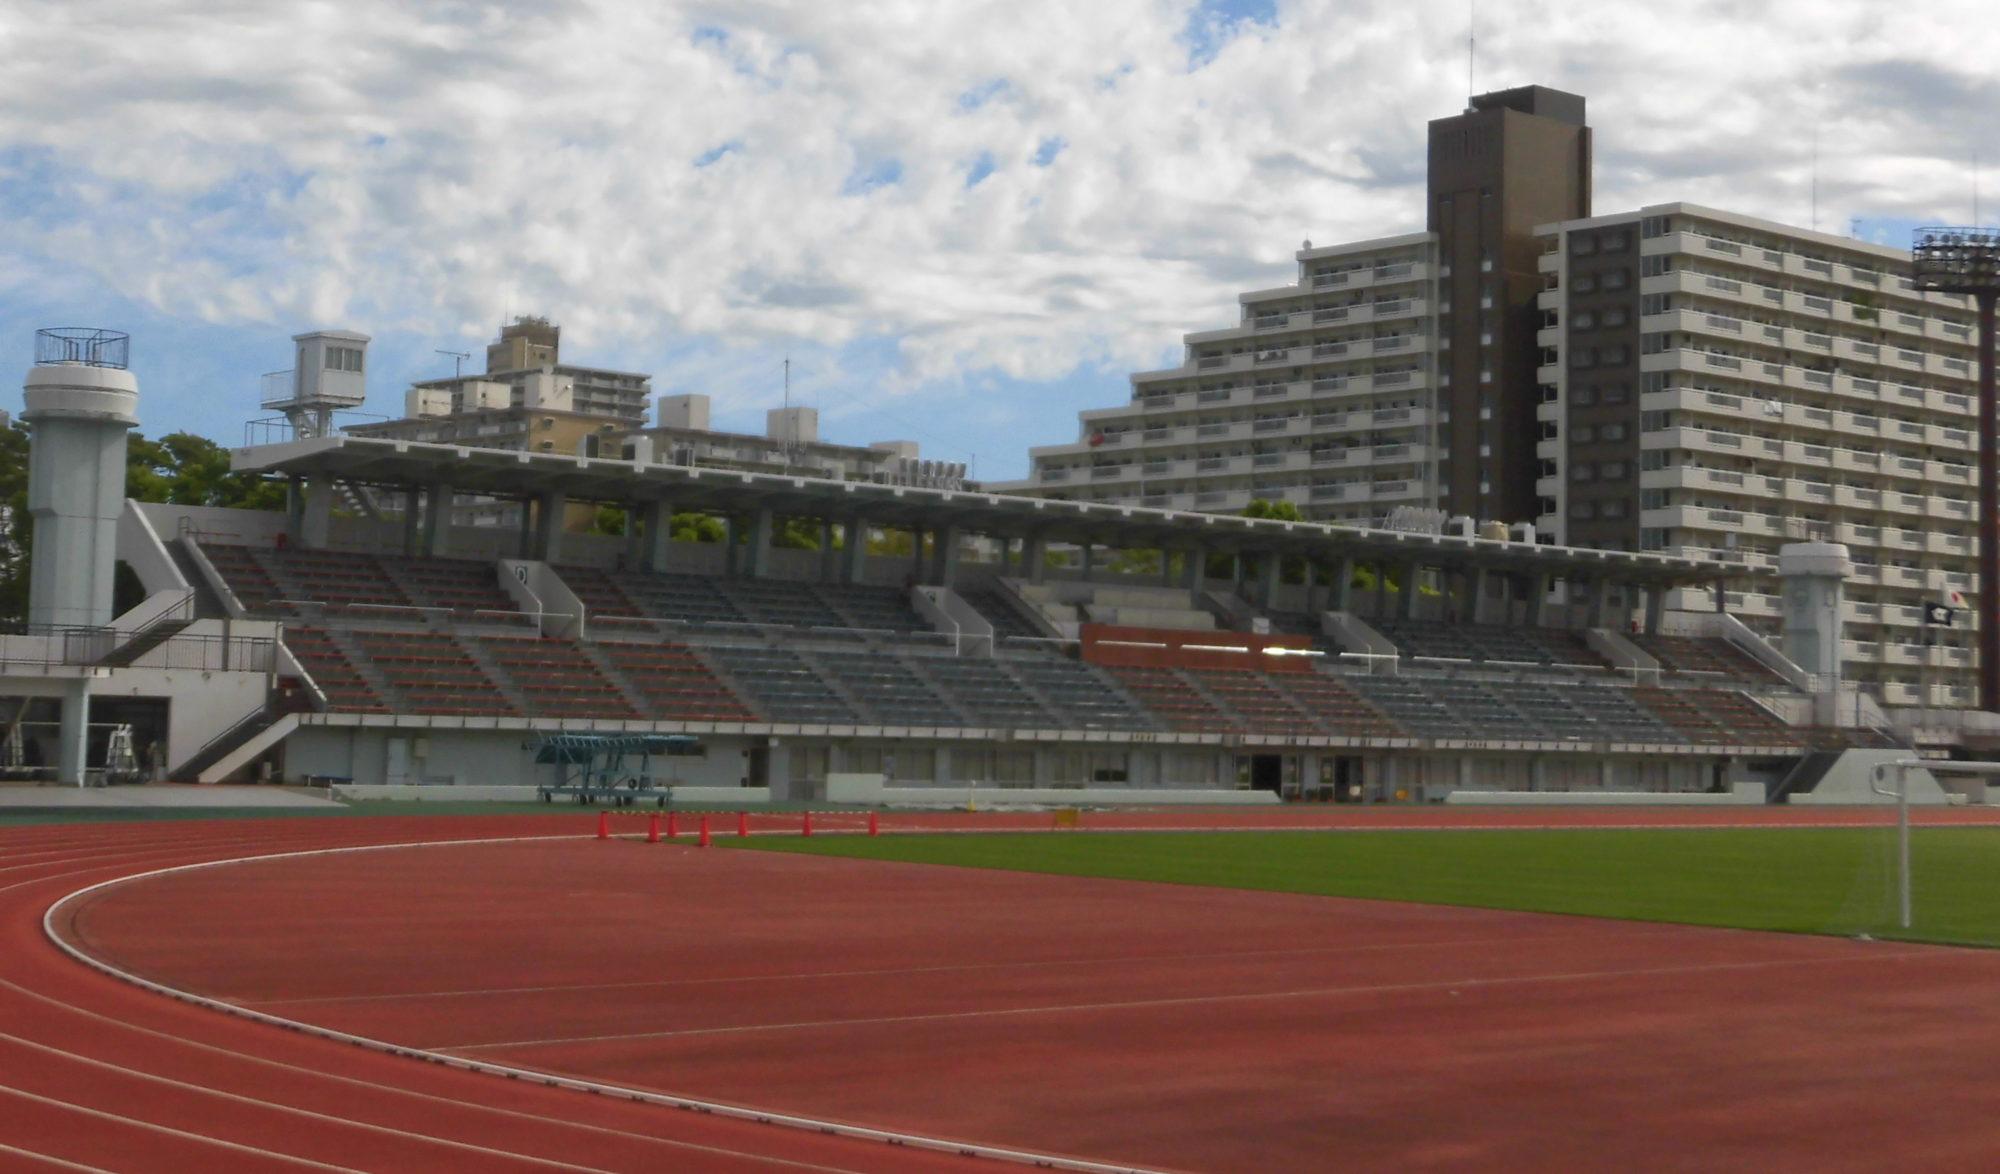 江戸川区陸上競技場 メインスタンド 屋根 大会